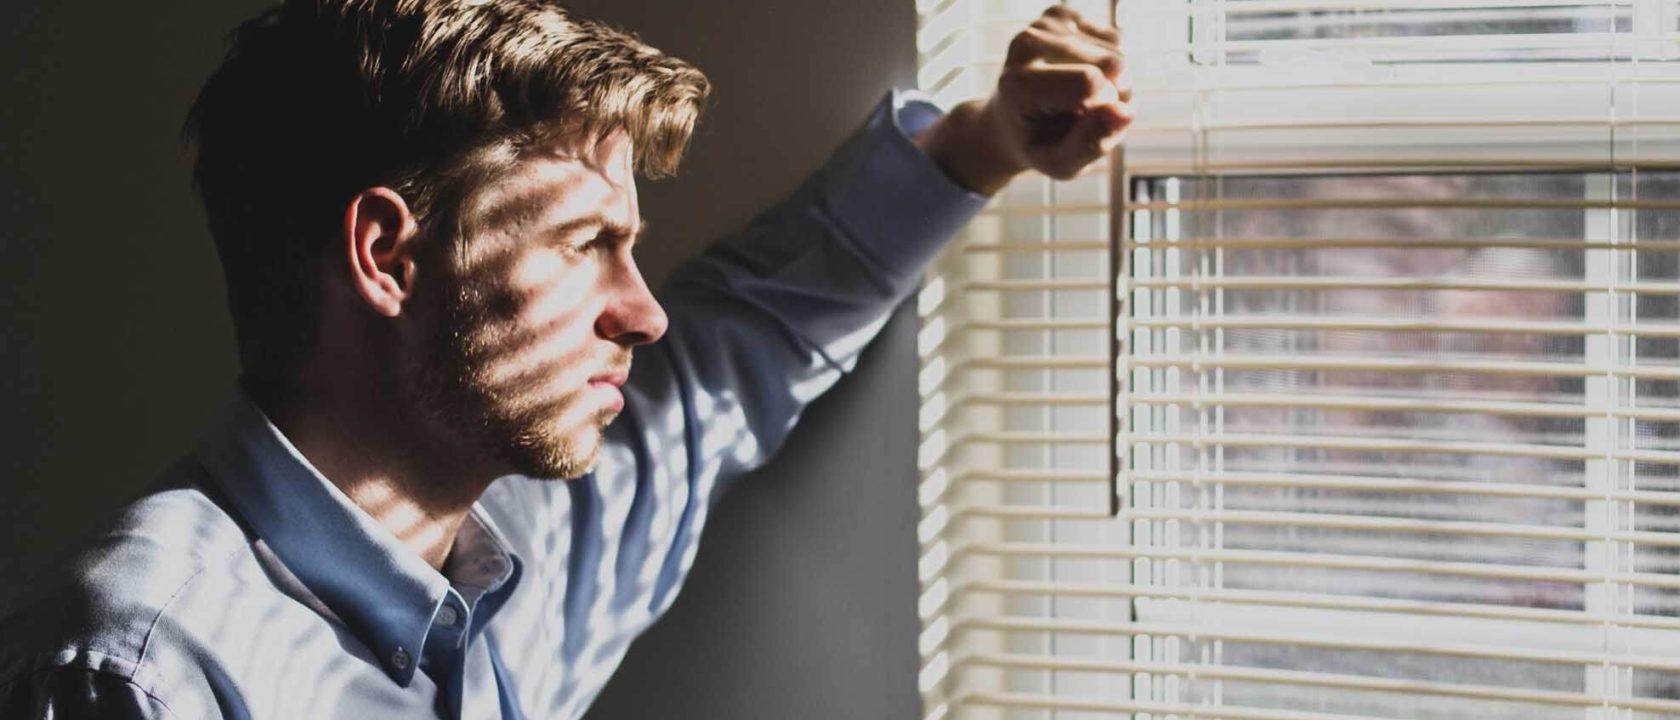 Depresyondan kurtulma yolu arayan düşünceli adam, pencereden dışarıya bakıyor.